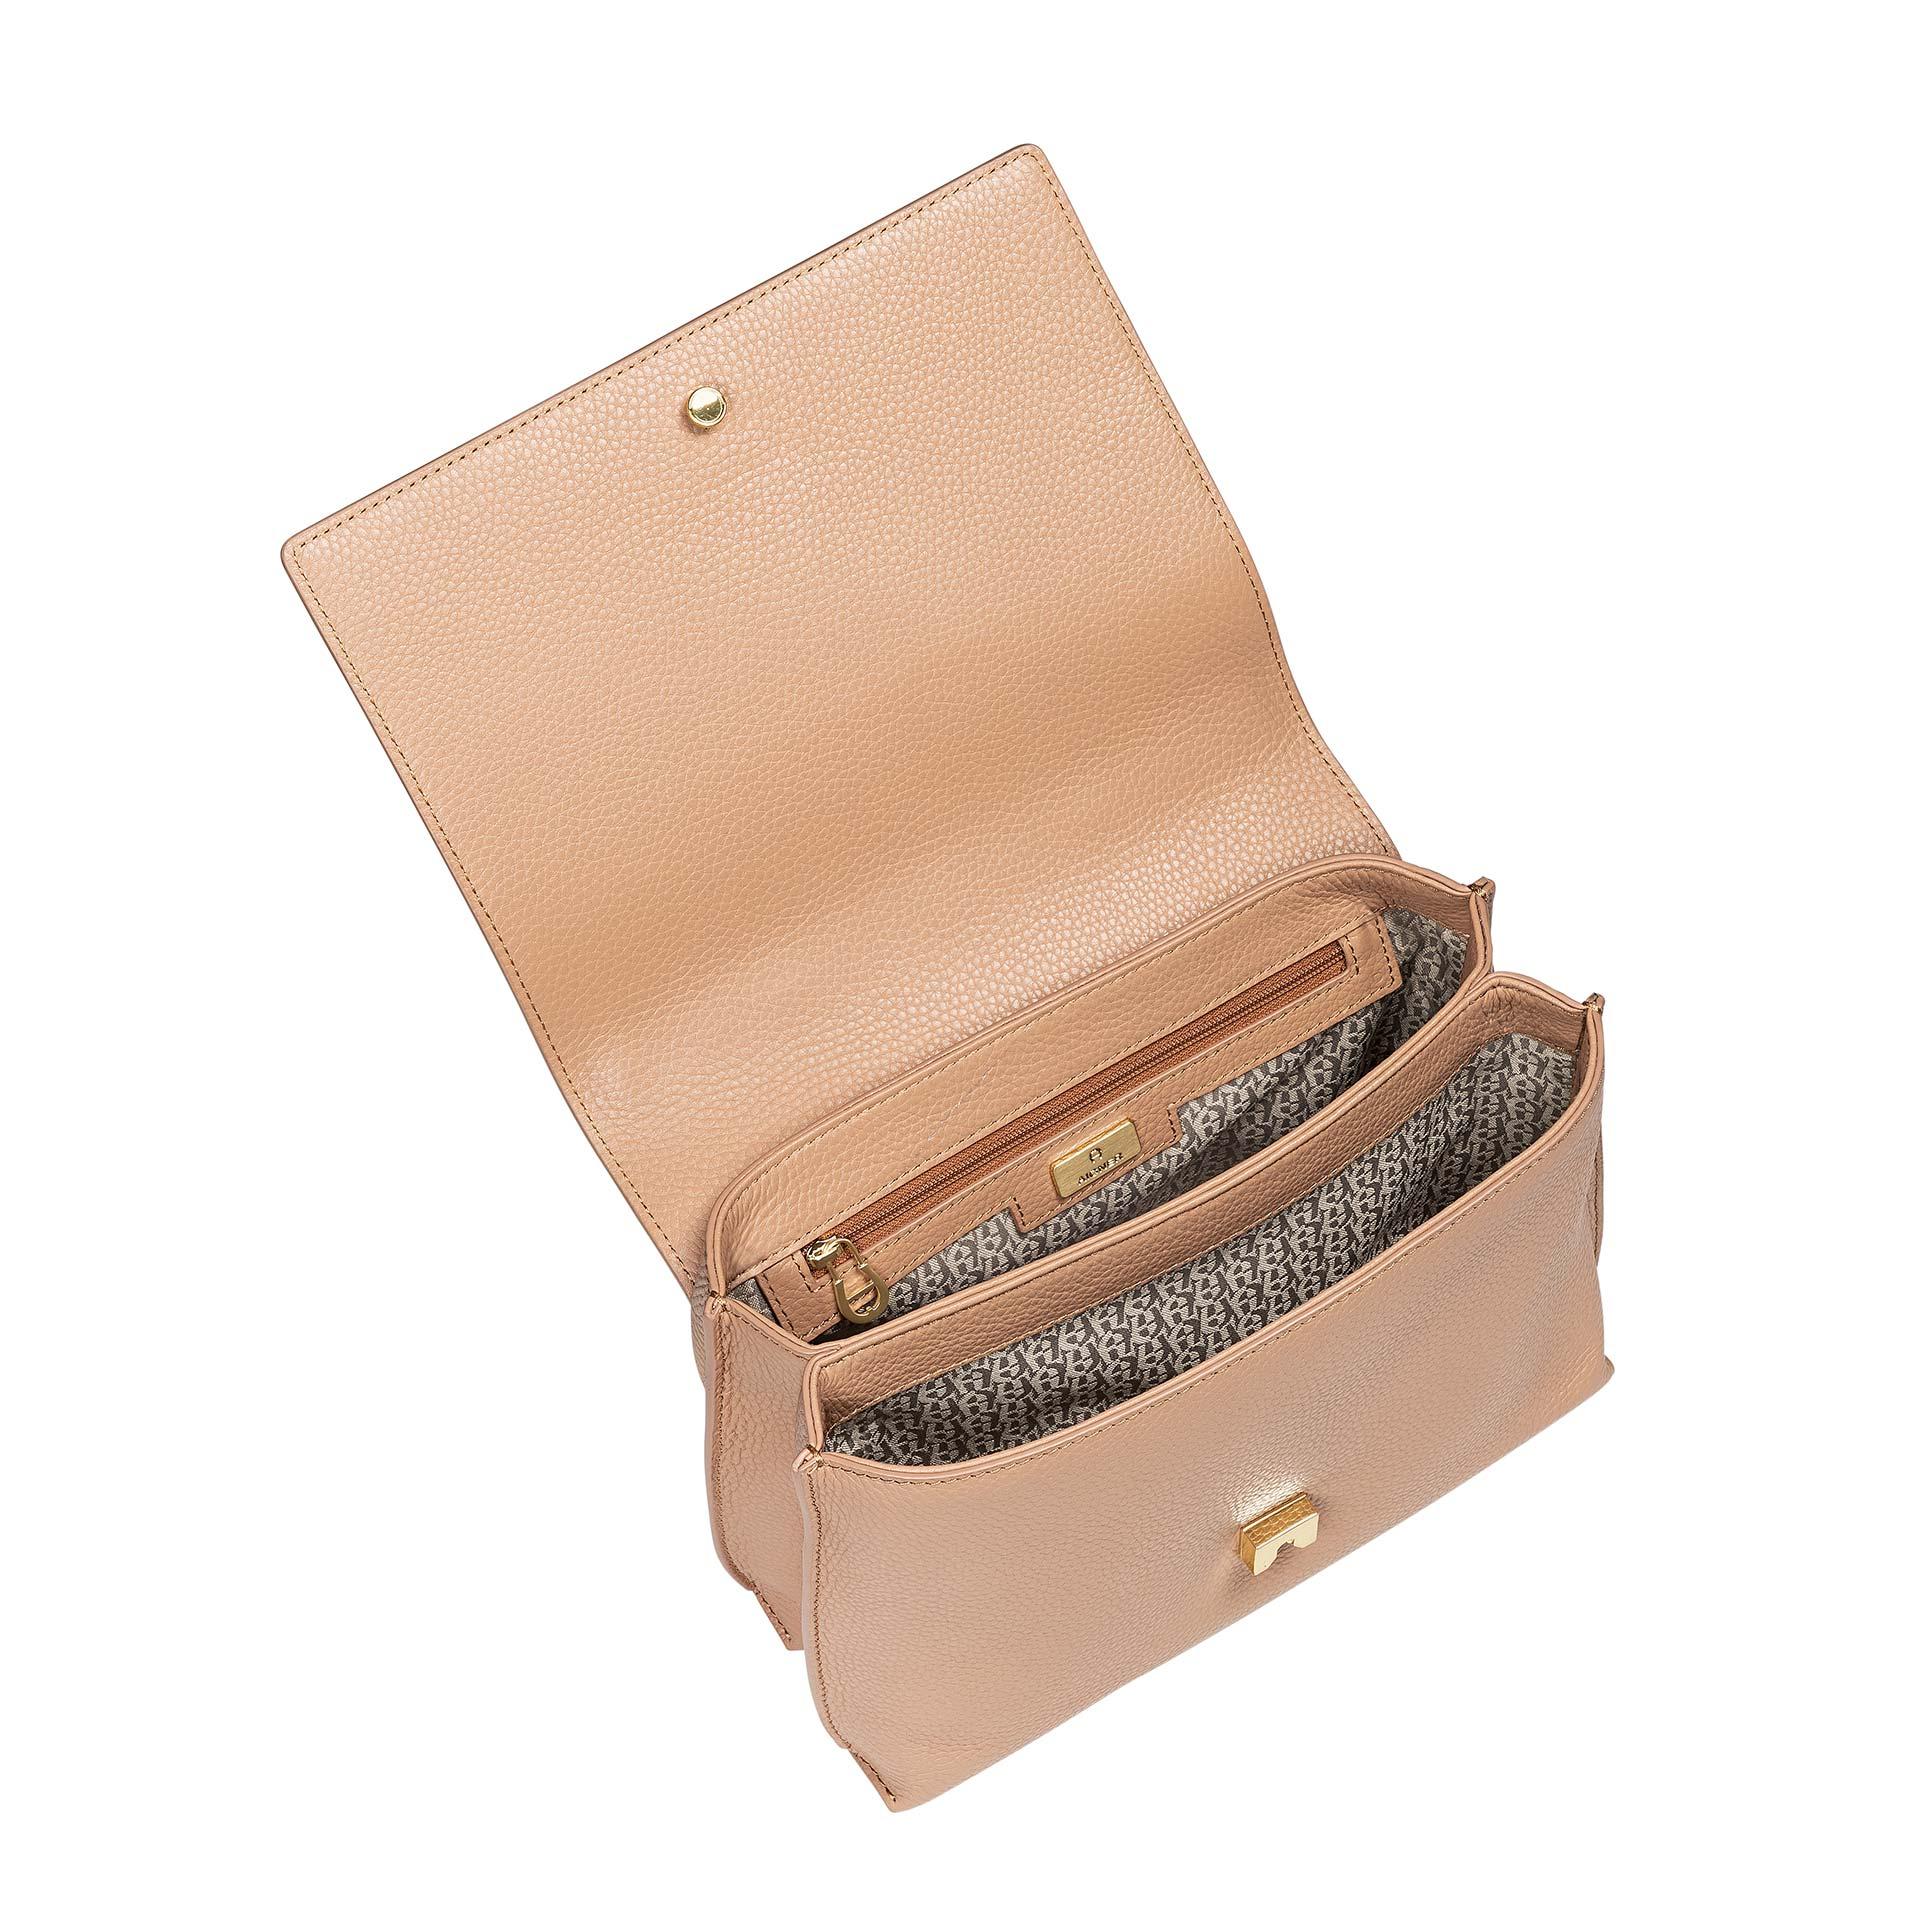 Aigner Evita Handtasche  vacchetta brown